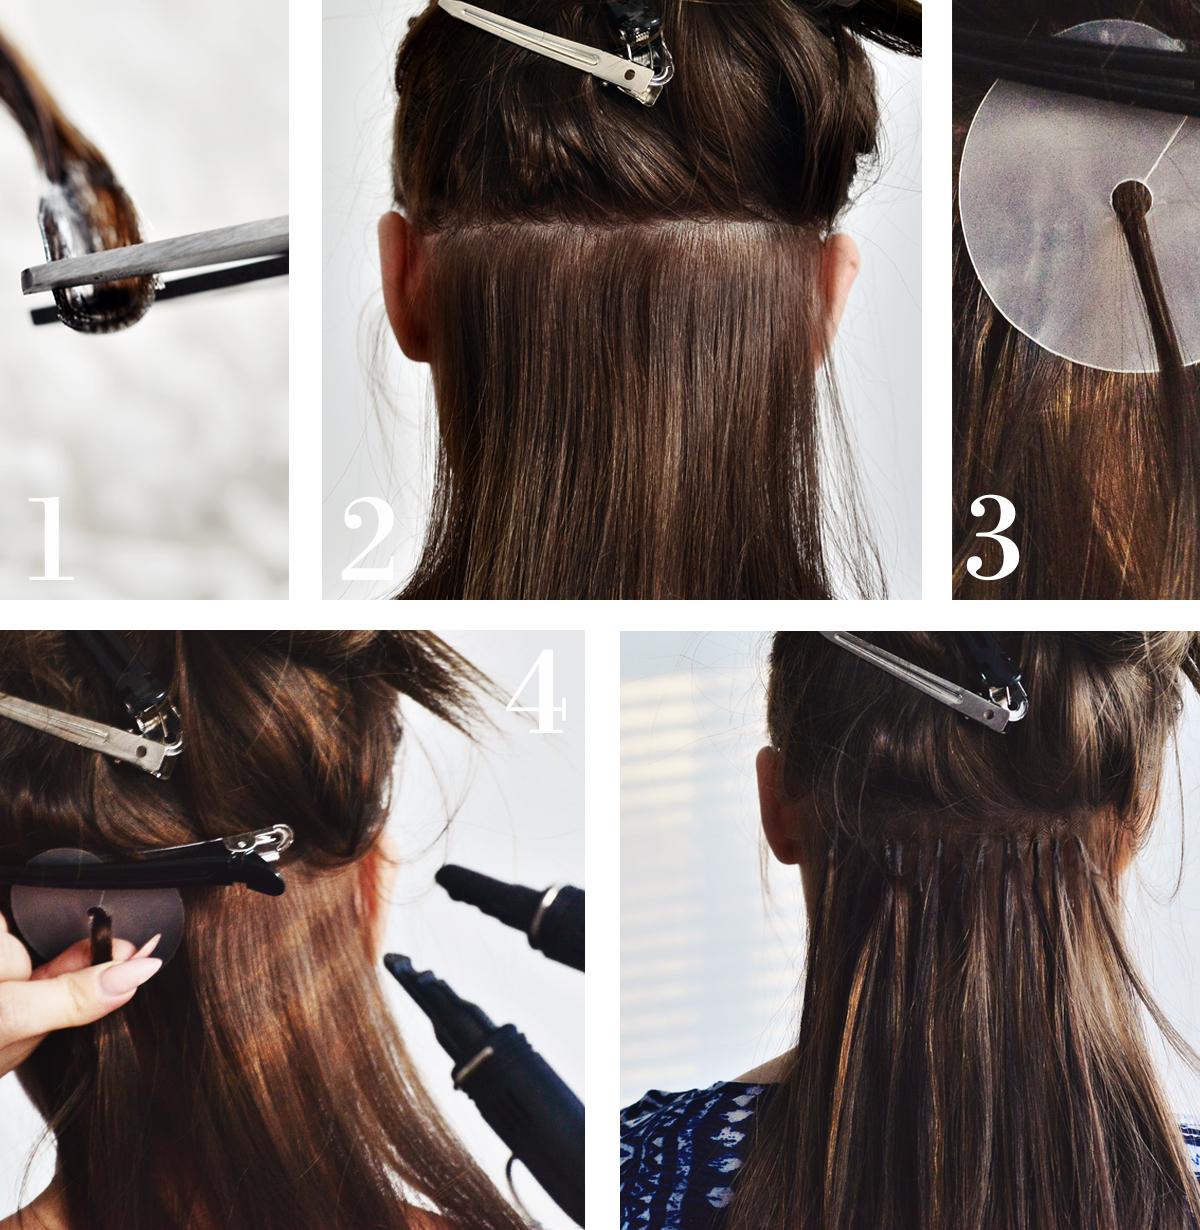 Steg för steg: Så sätter du i nail hair extensions hemma!